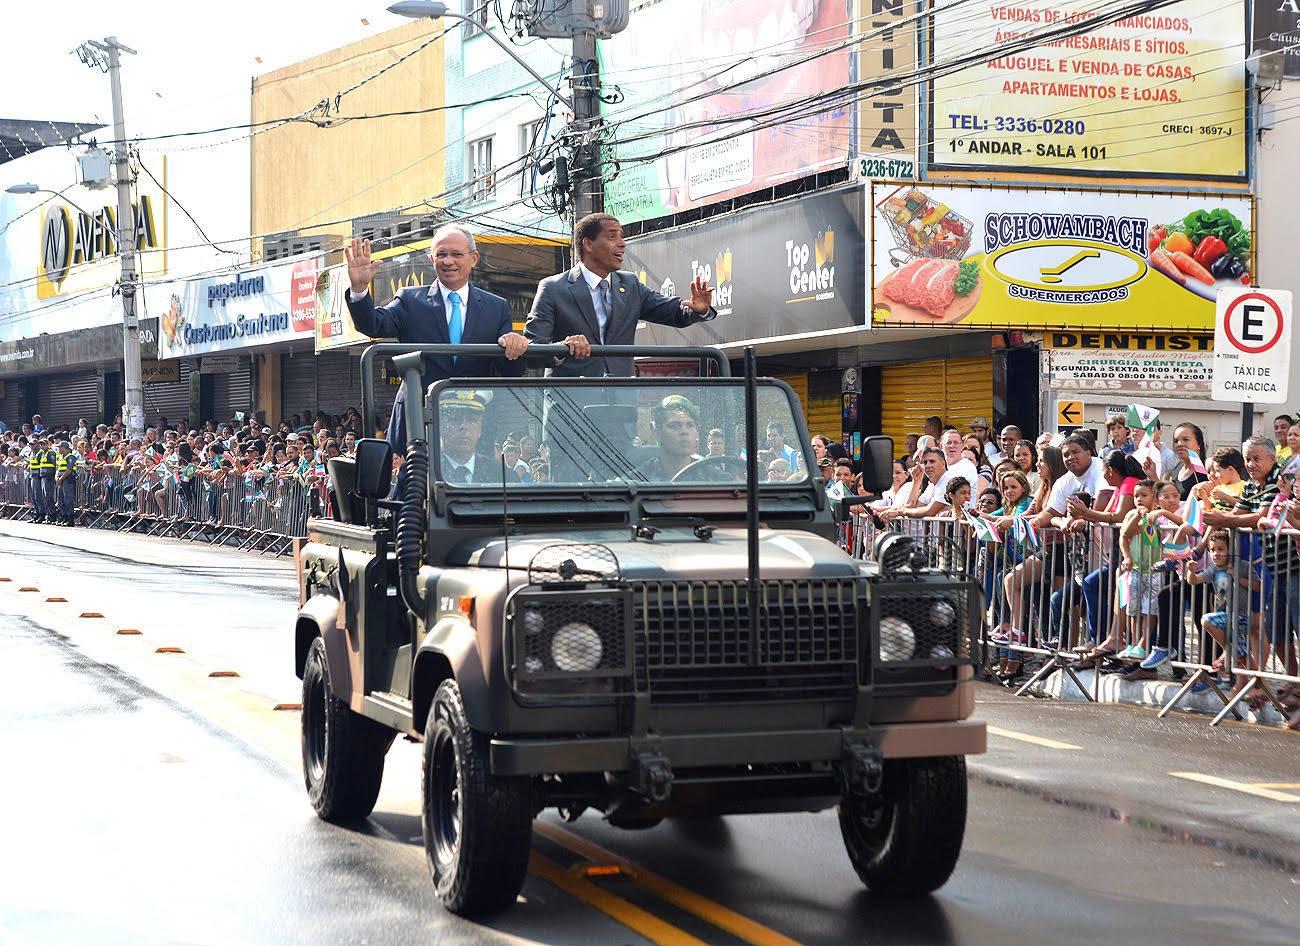 Desfile militar do 7 de Setembro será realizado em Cariacica pelo ...